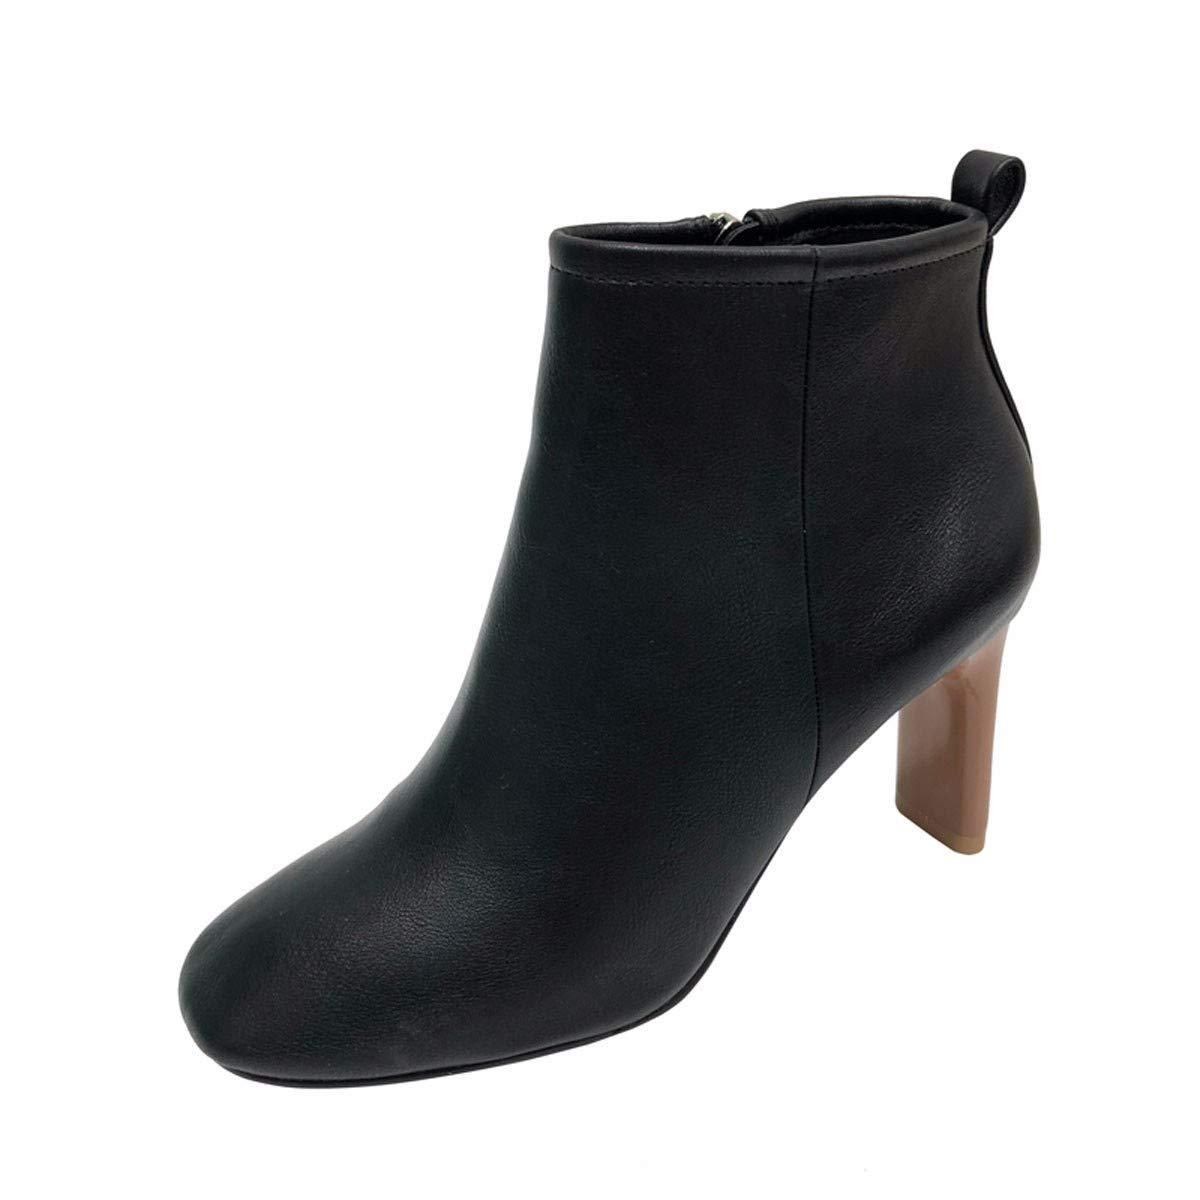 HBDLH Damenschuhe/Einfache Runden Kopf Mit Hohen 7Cm Kurze Stiefel Retro Wild Farbe Hart Ma Dingxue